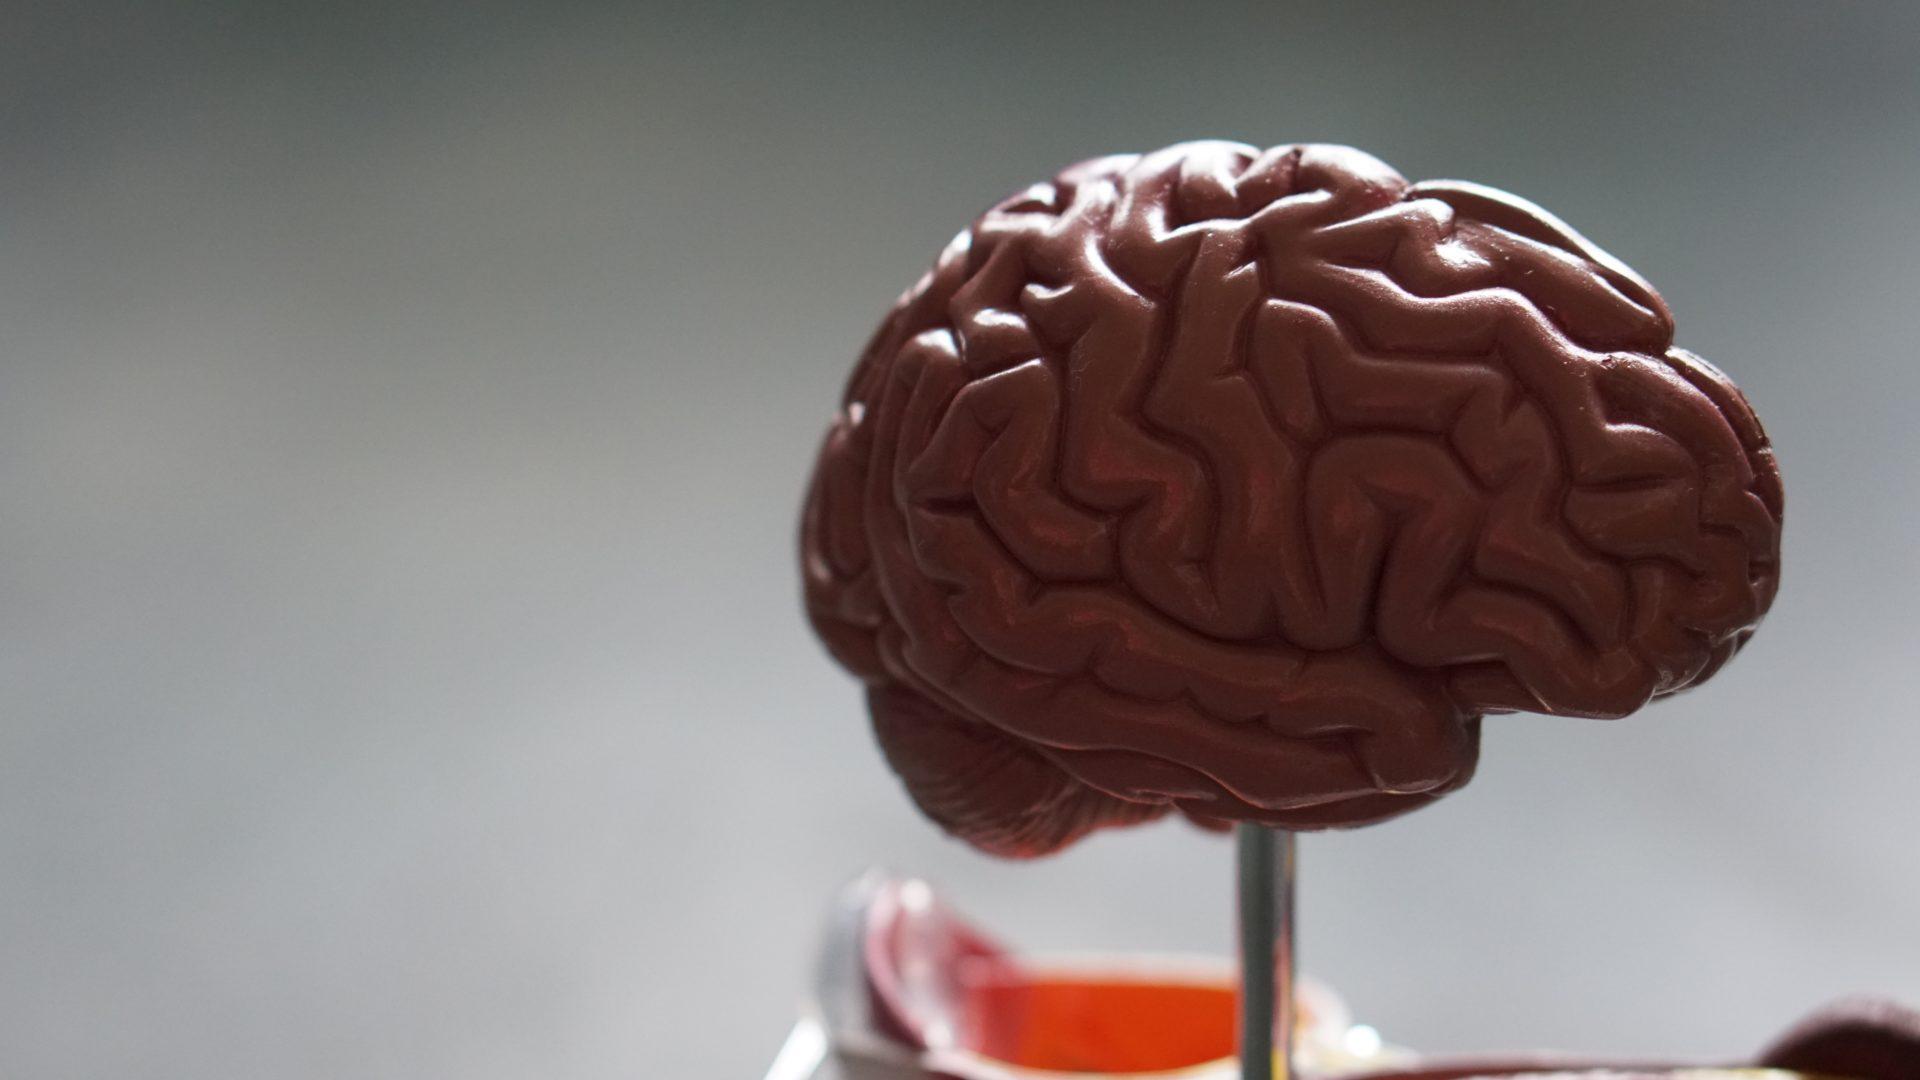 10 sprawdzonych sposobów na rozwój mózgu: Neurogeneza i neuroplastyczność